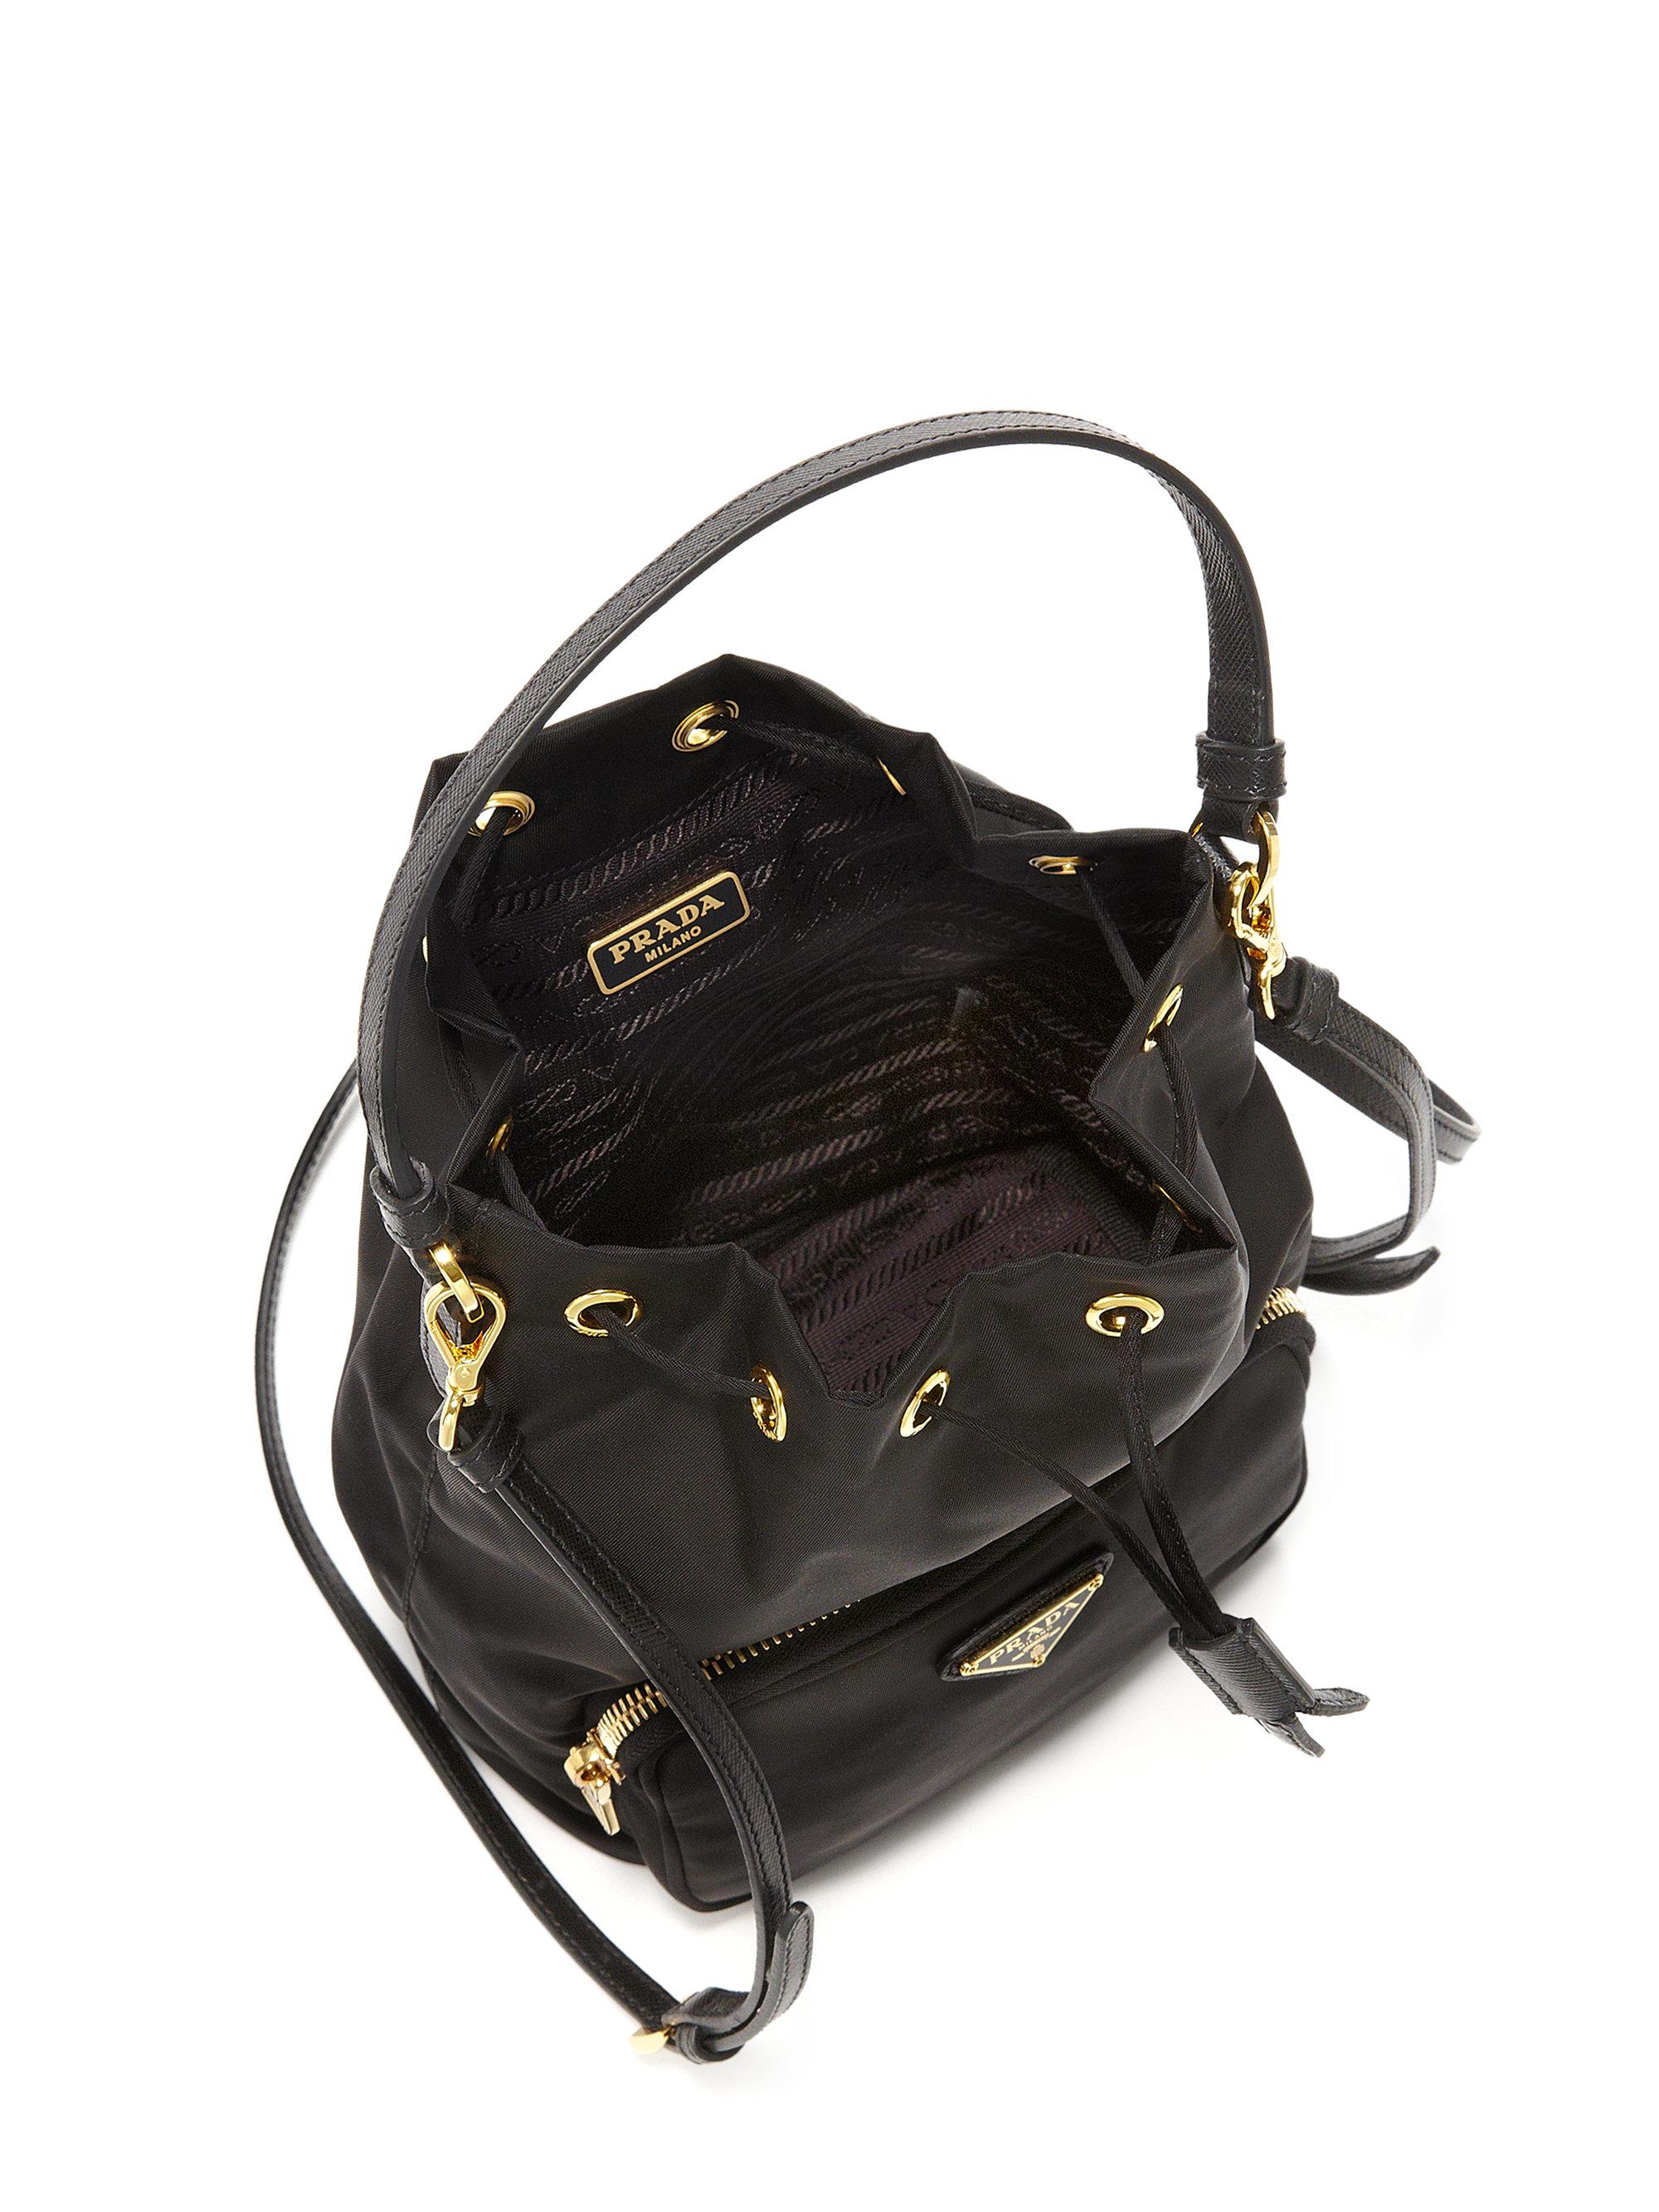 024a64a07f9f ... greece lyst prada tess mini backpack in black 1e133 52fd5